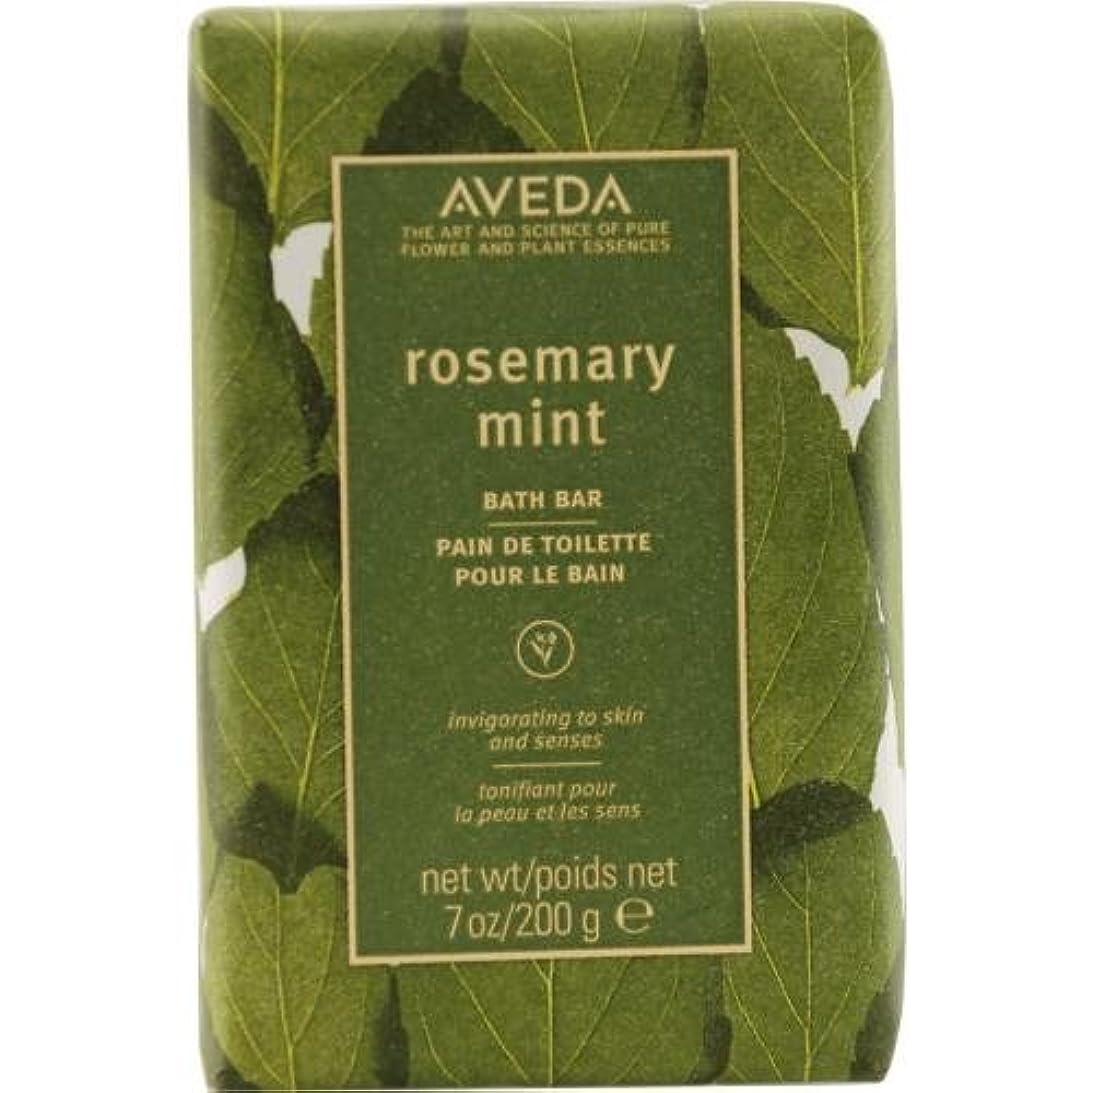 入る検索チャレンジAveda Skincare Rosemary Mint Bath Bar, 7-Ounce Box